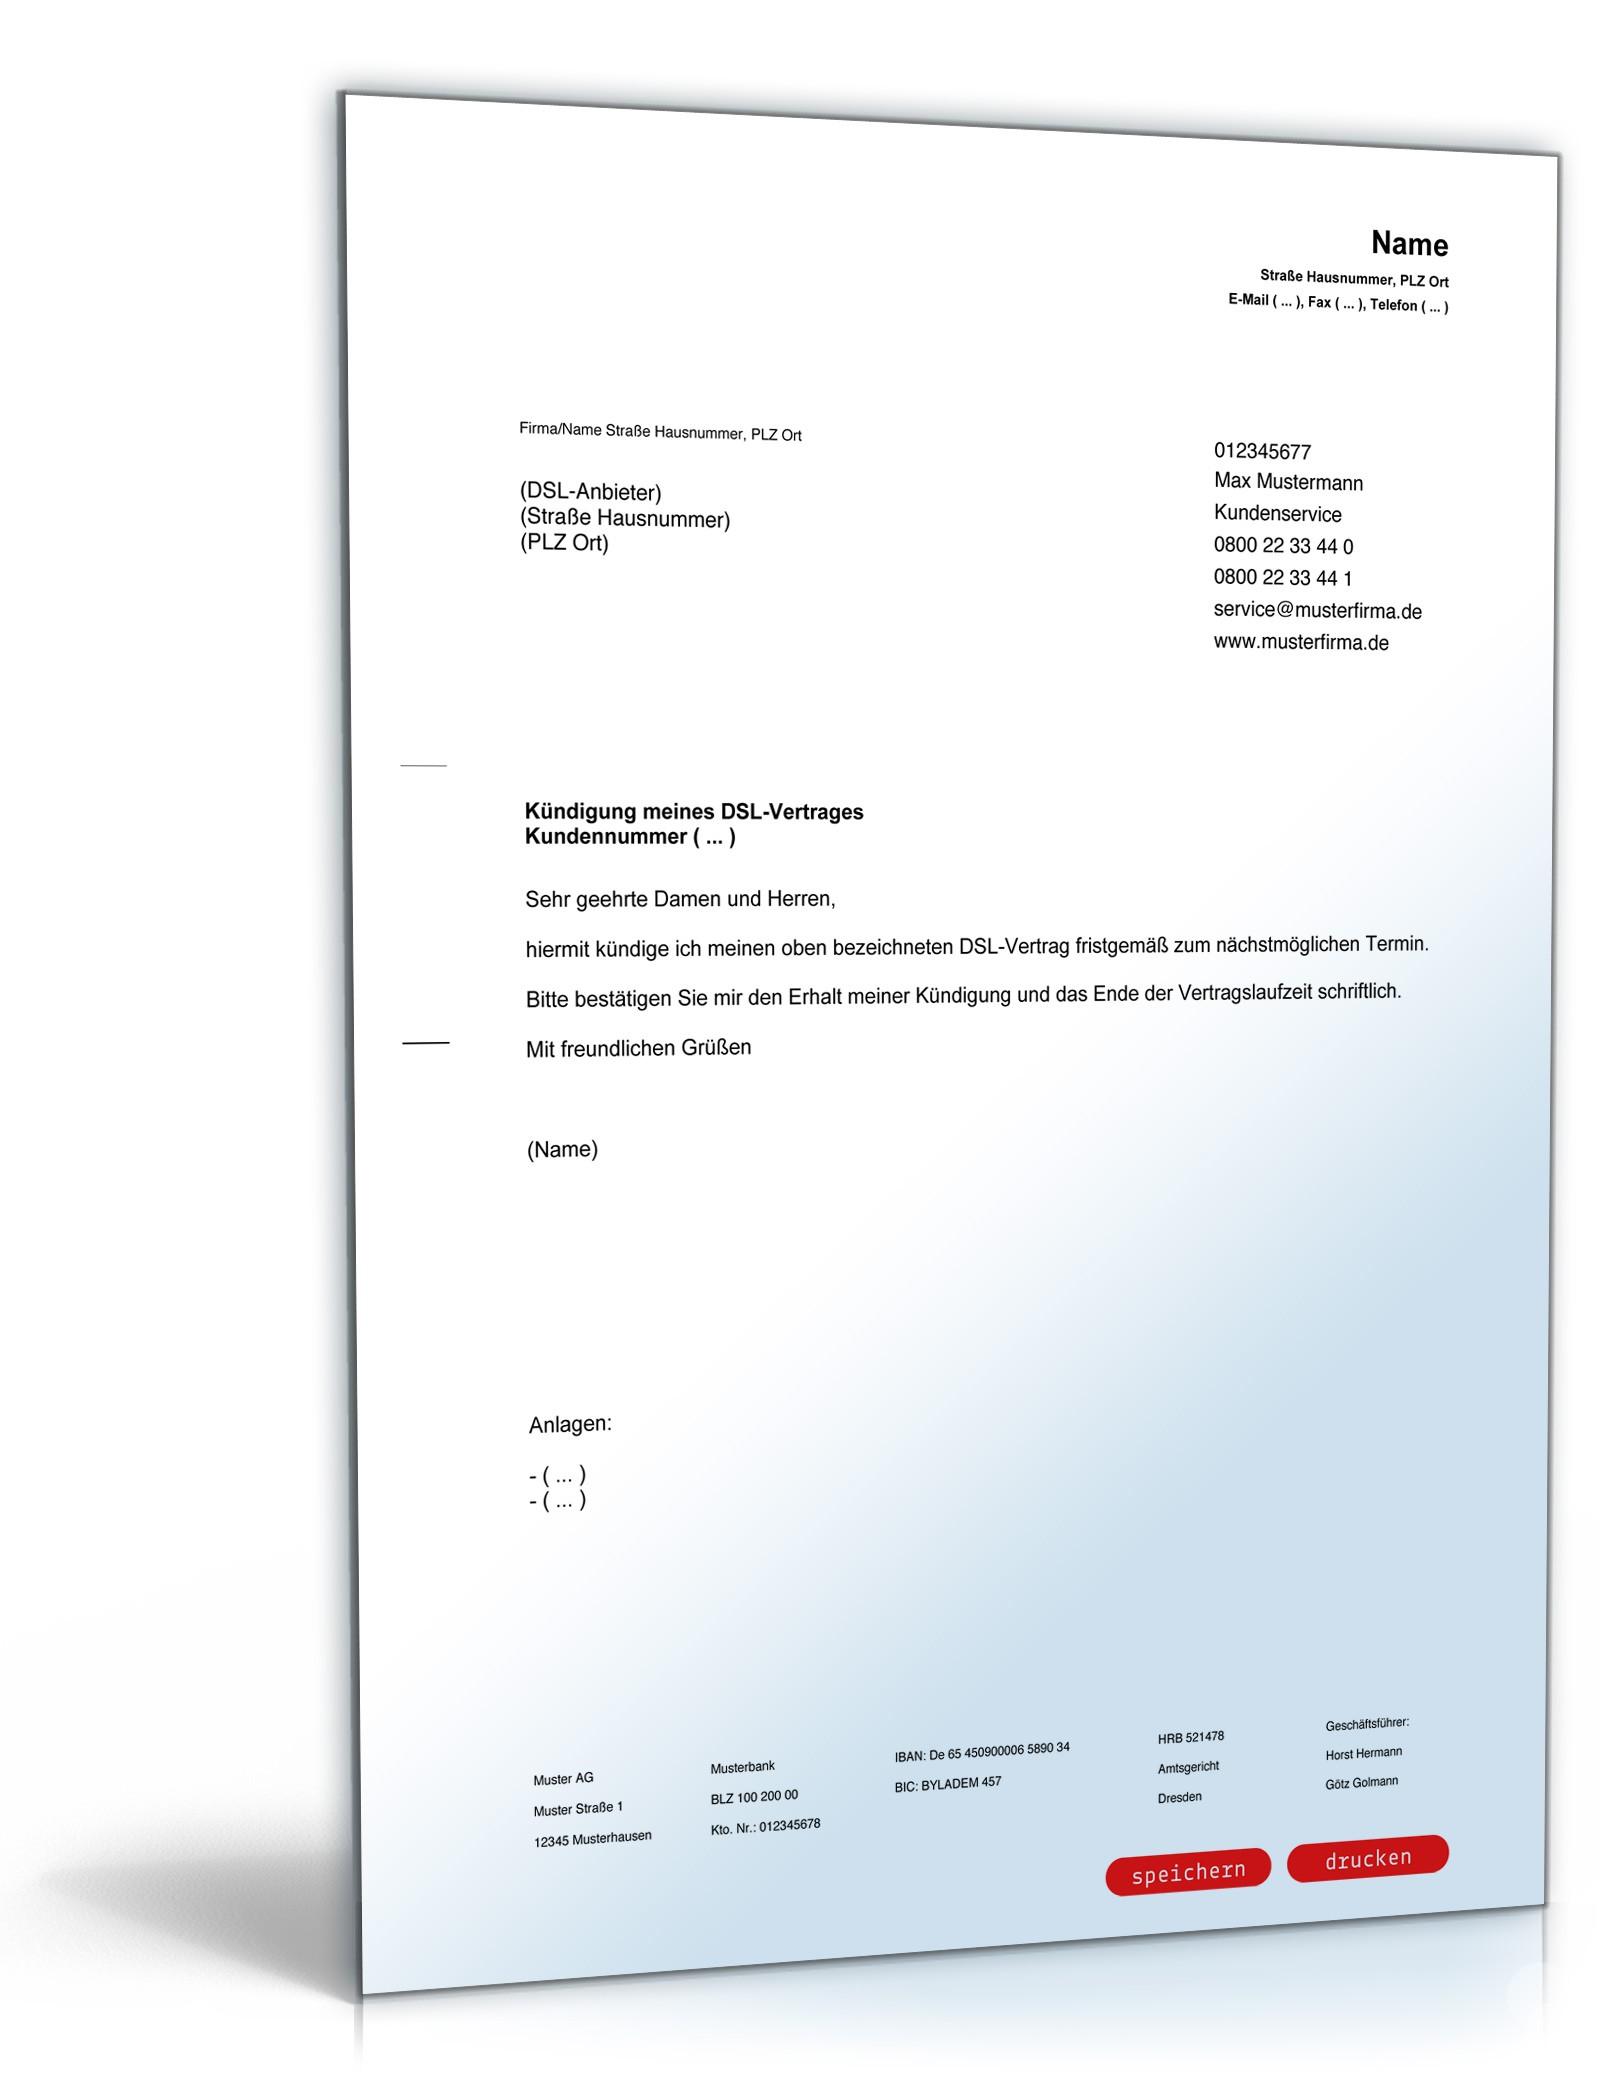 Fristgemäße Kündigung Dsl Vertrag Vorlage Zum Download